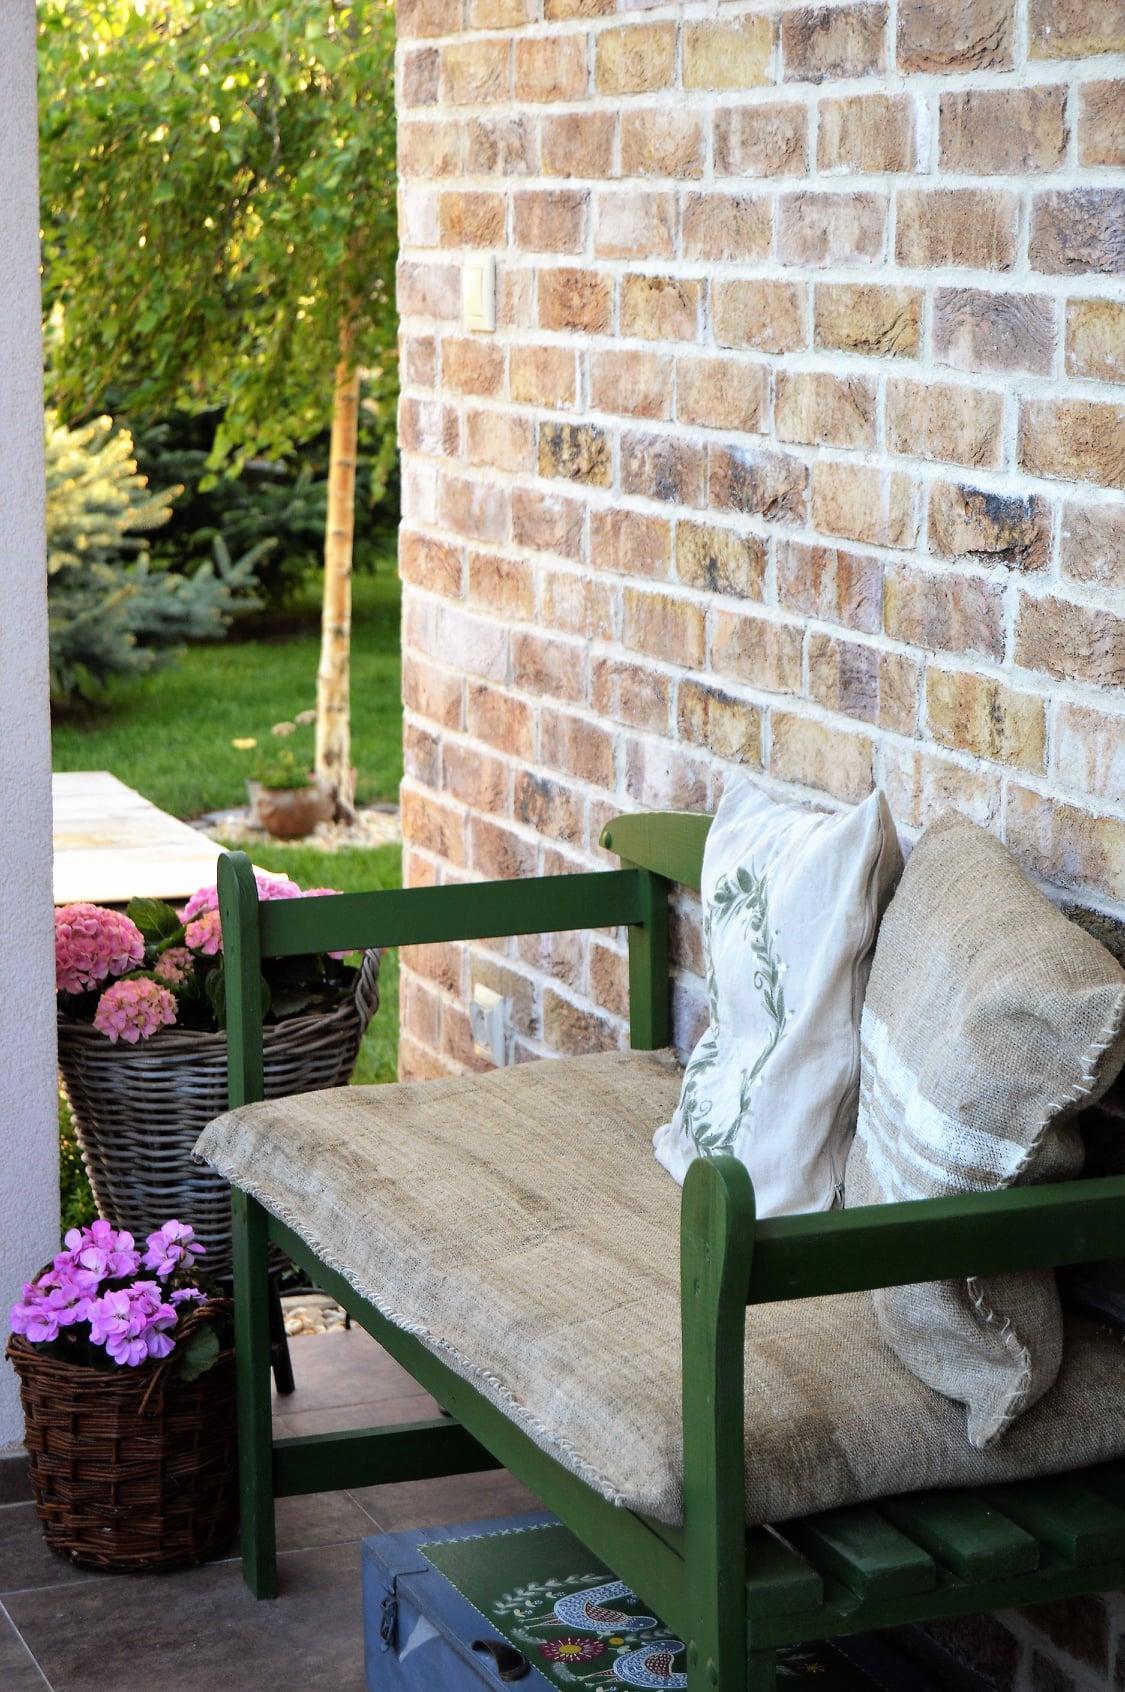 Záhrada a terasa 2021 - Obrázok č. 11